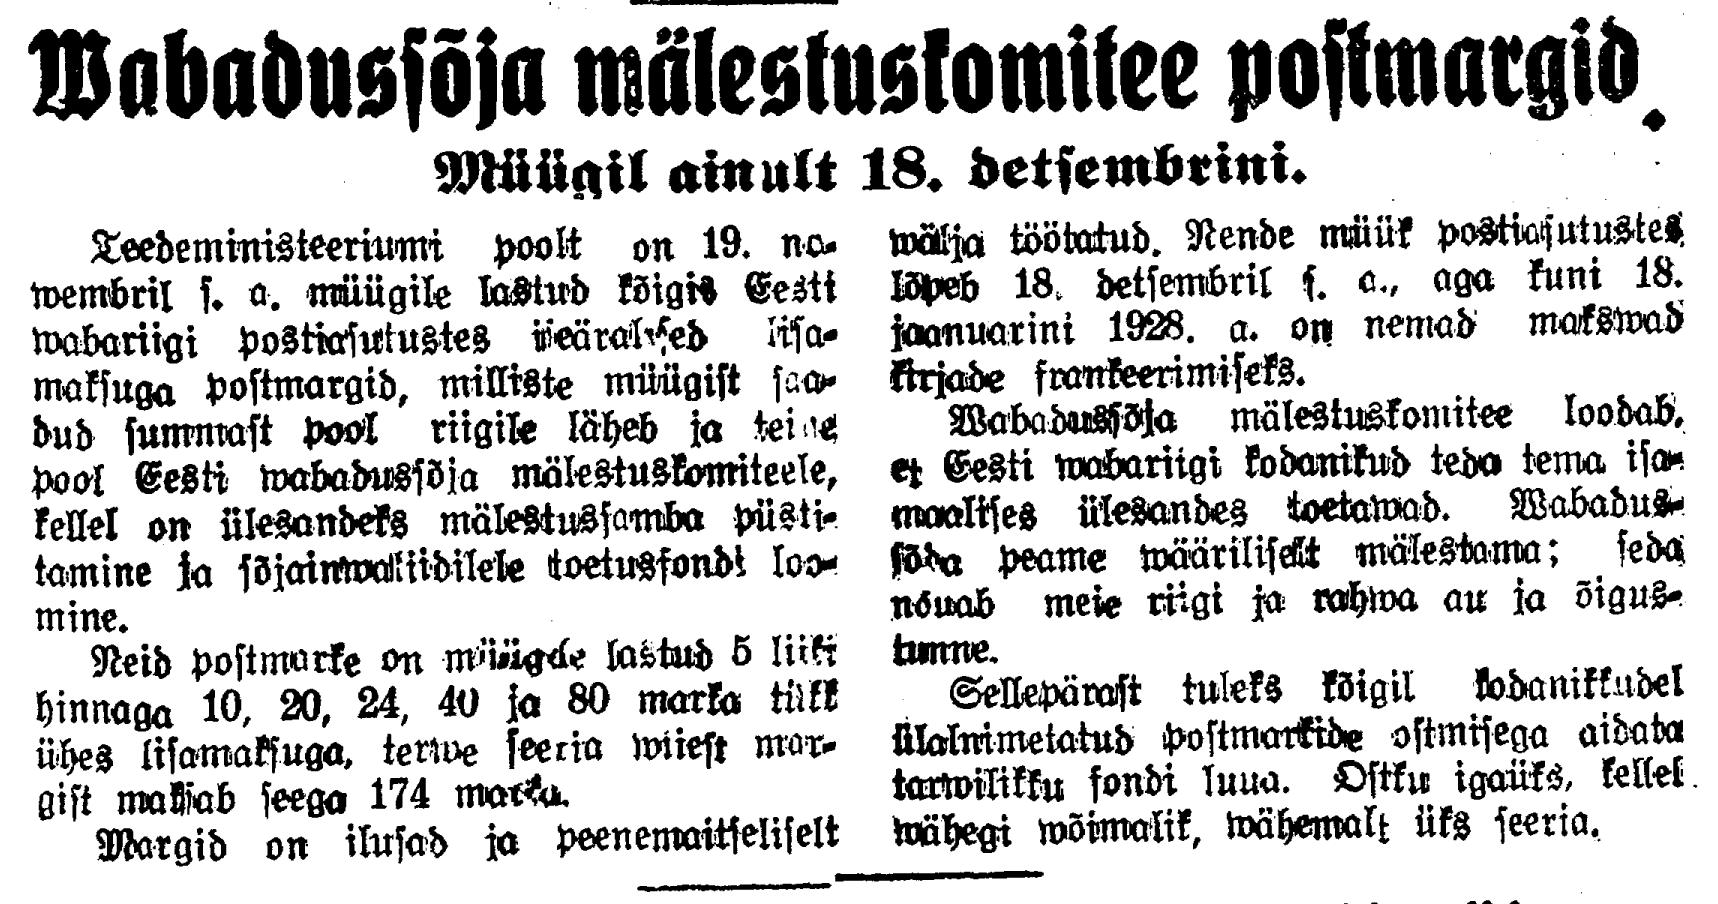 1927.12.02 Wabadussõja Mälestuskomitee postmargid (JT)